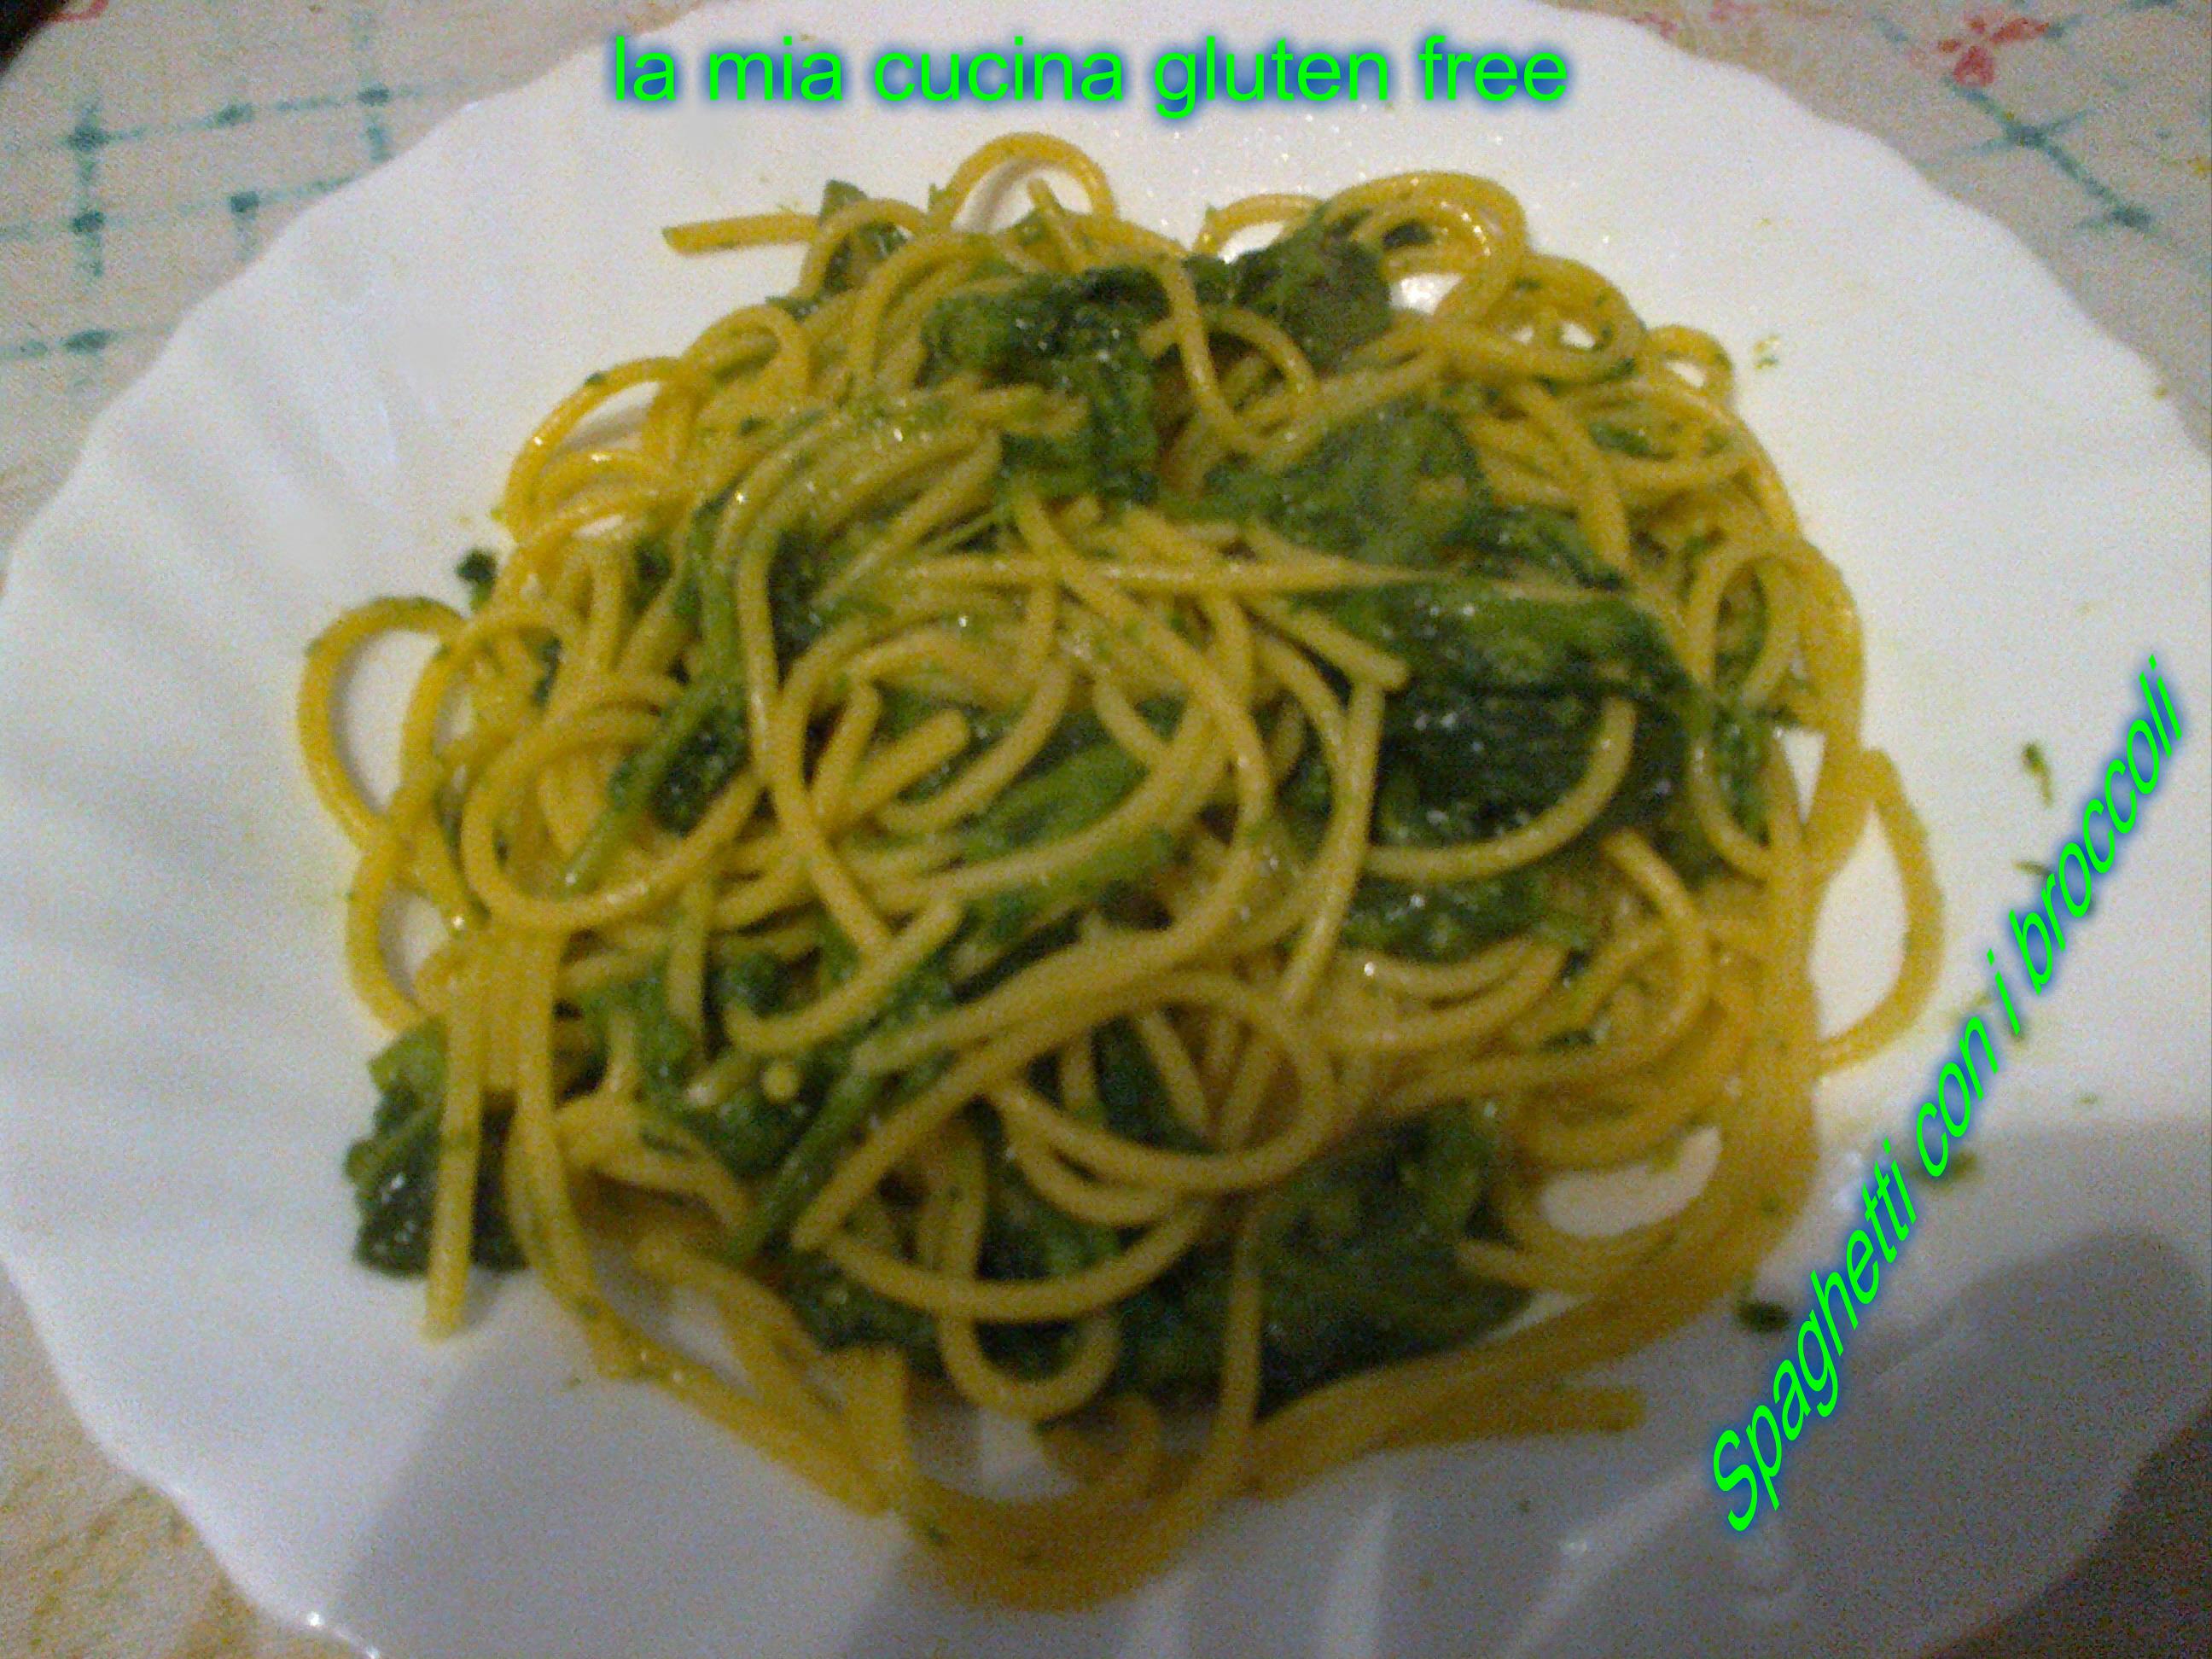 spaghetti con broccoli gluten free